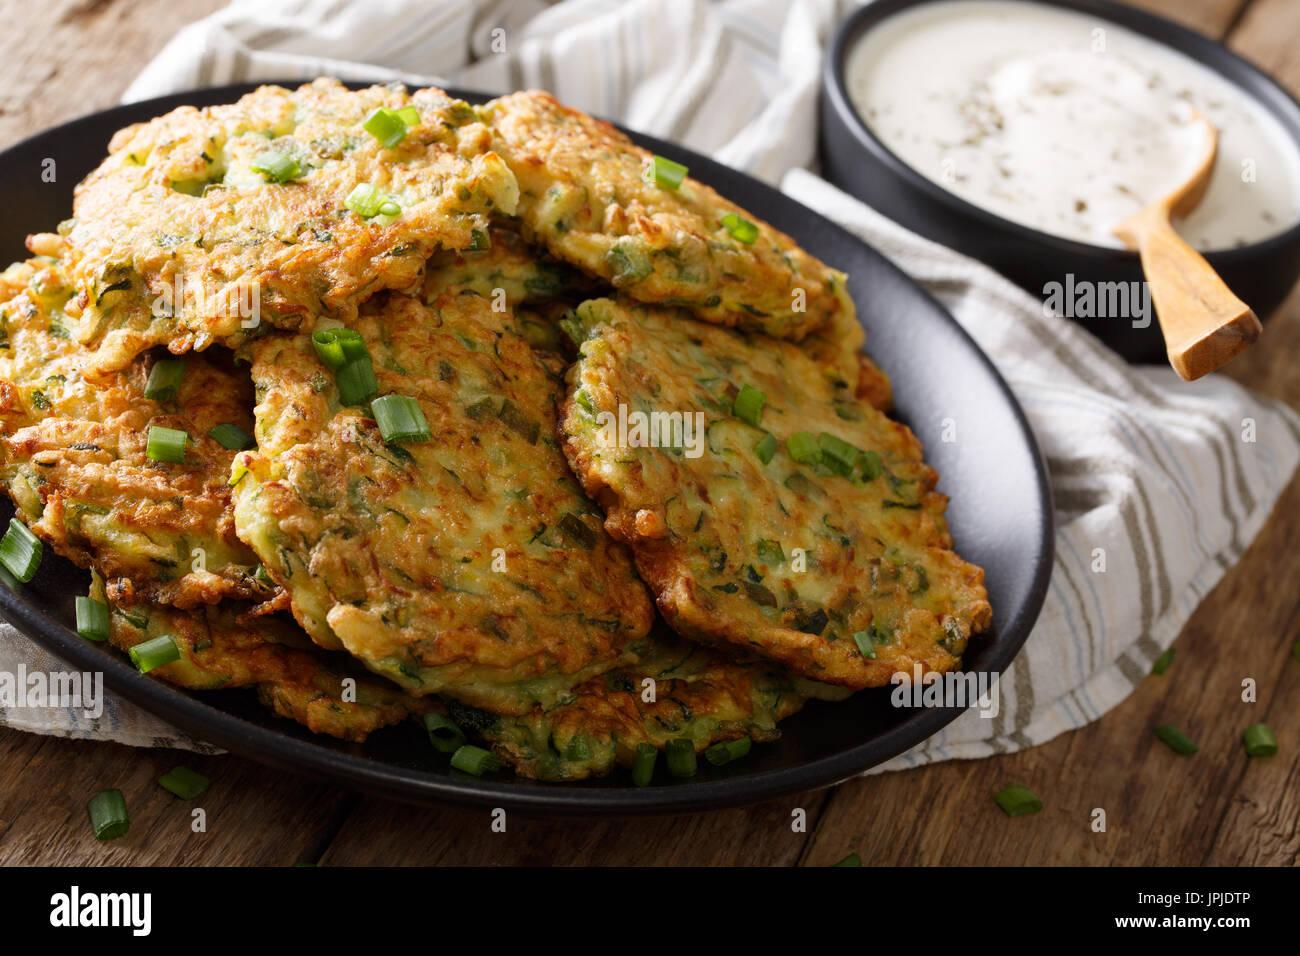 Appena cotte le zucchine frittelle con panna acida vicino sul tavolo orizzontale. Immagini Stock